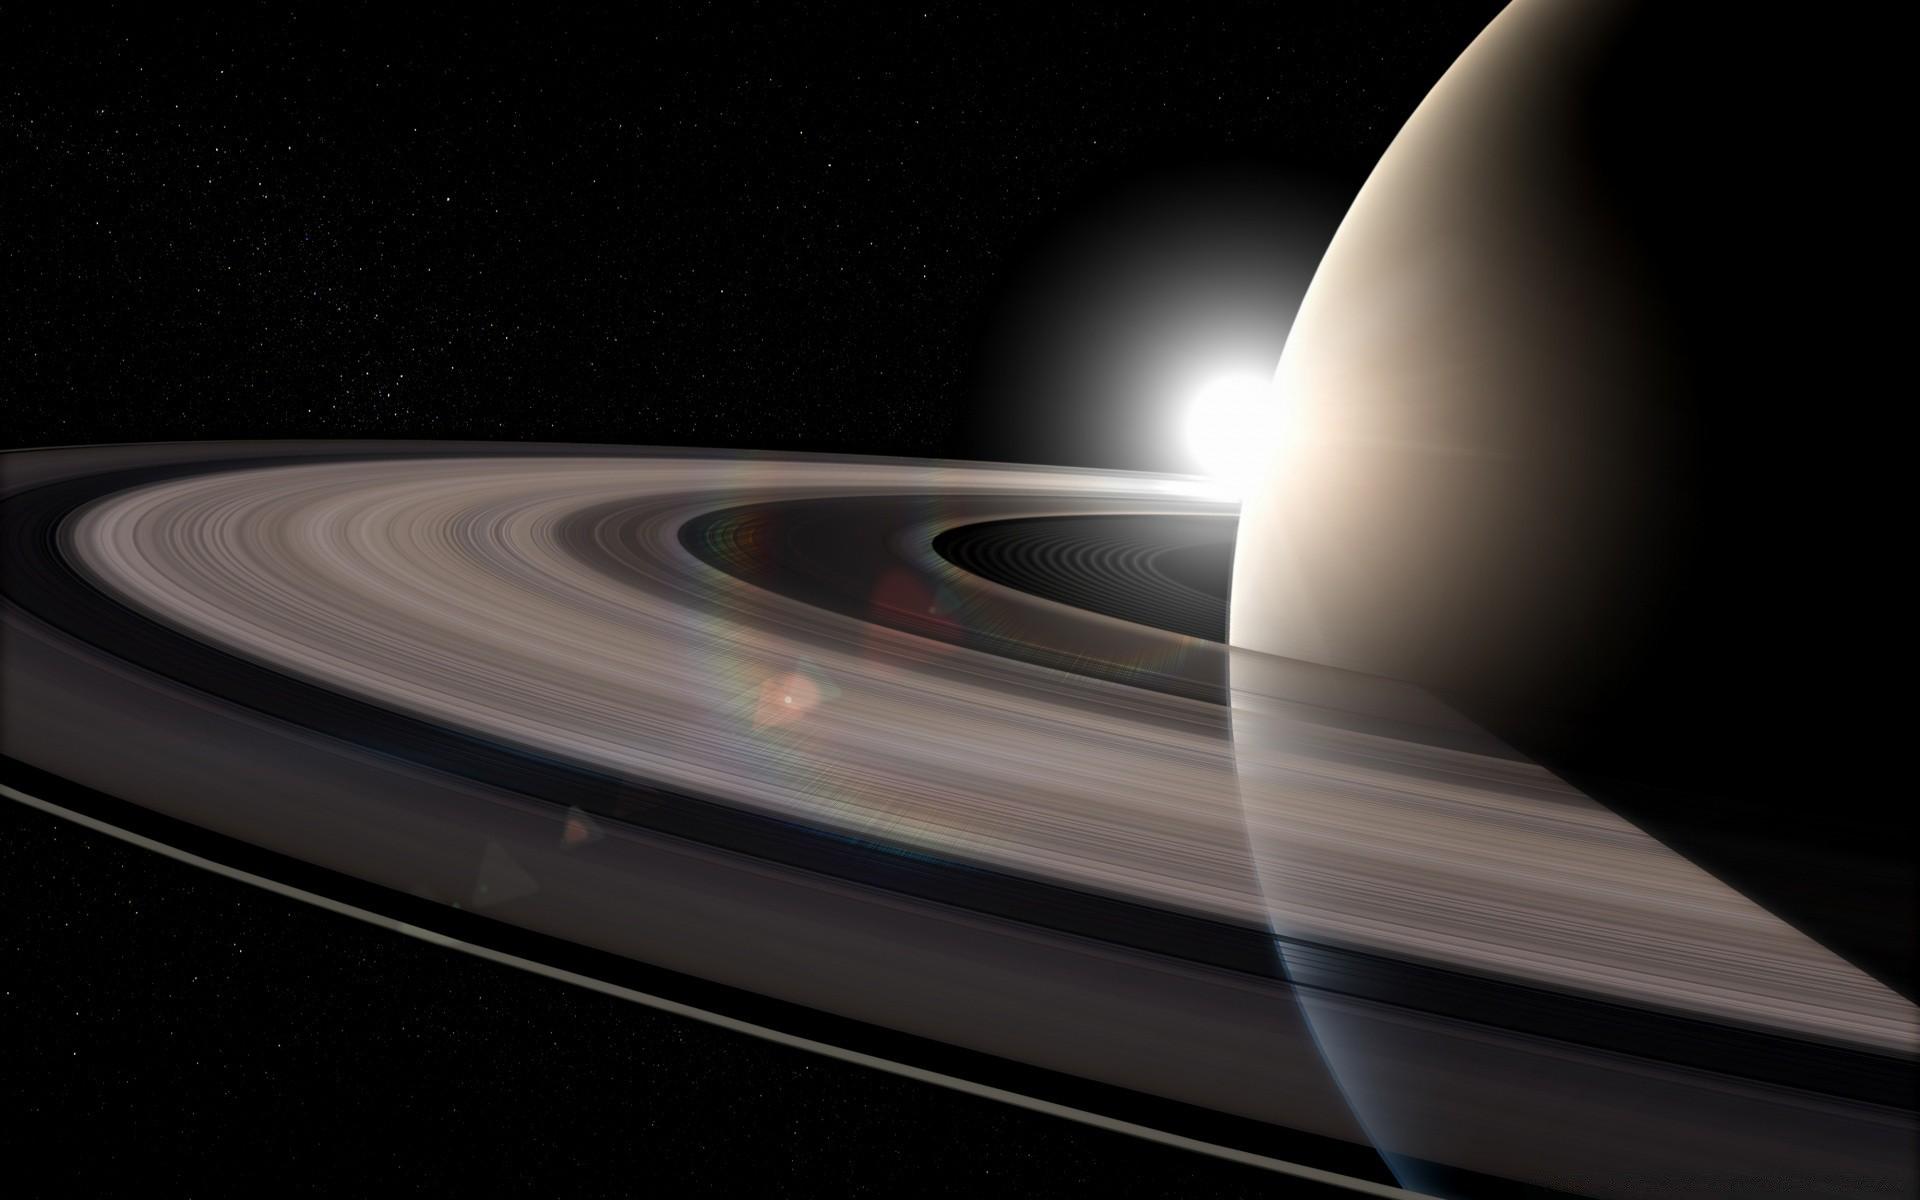 фото планеты сатурн в высоком качестве подкова считается символом